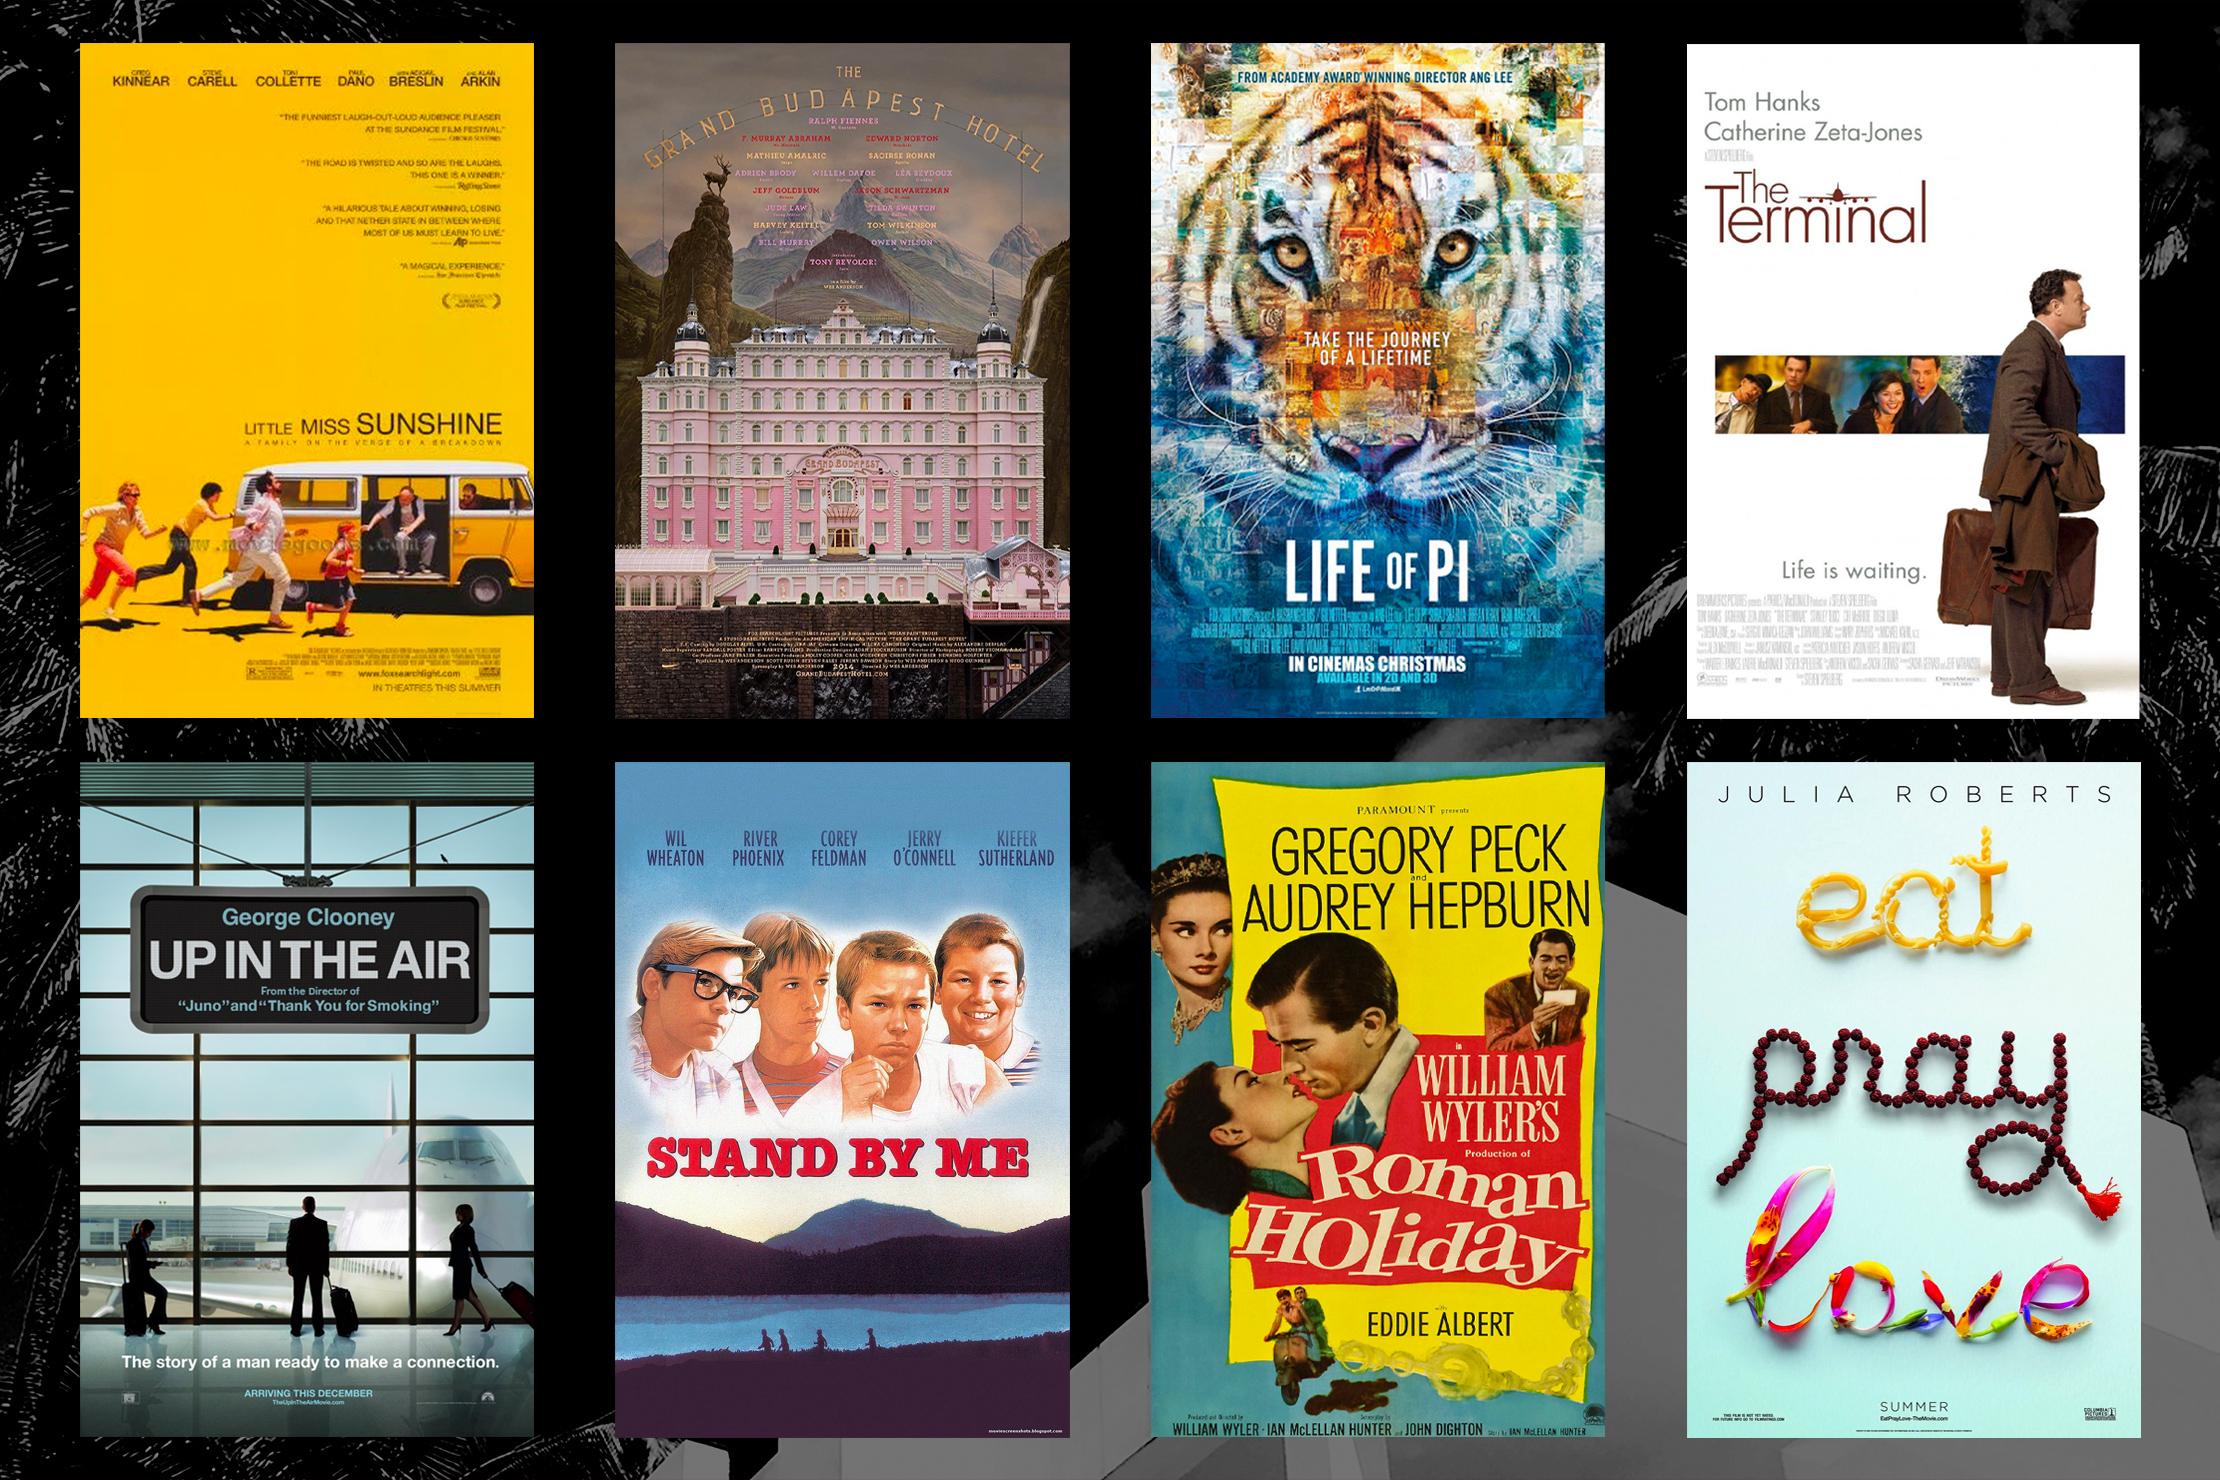 Staycation Ideas | Have an epic movie marathon